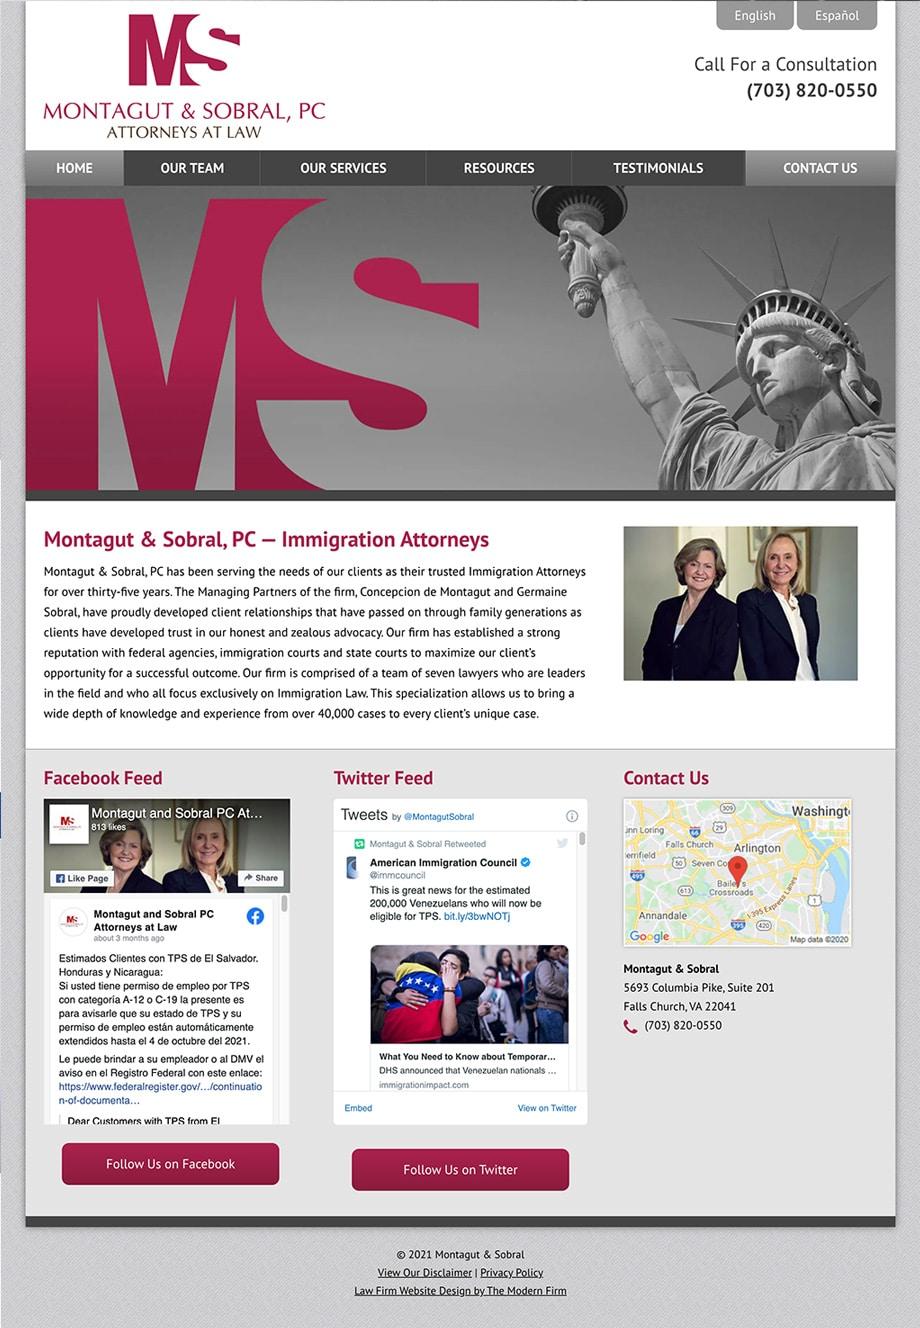 Law Firm Website Design for Montagut & Sobral